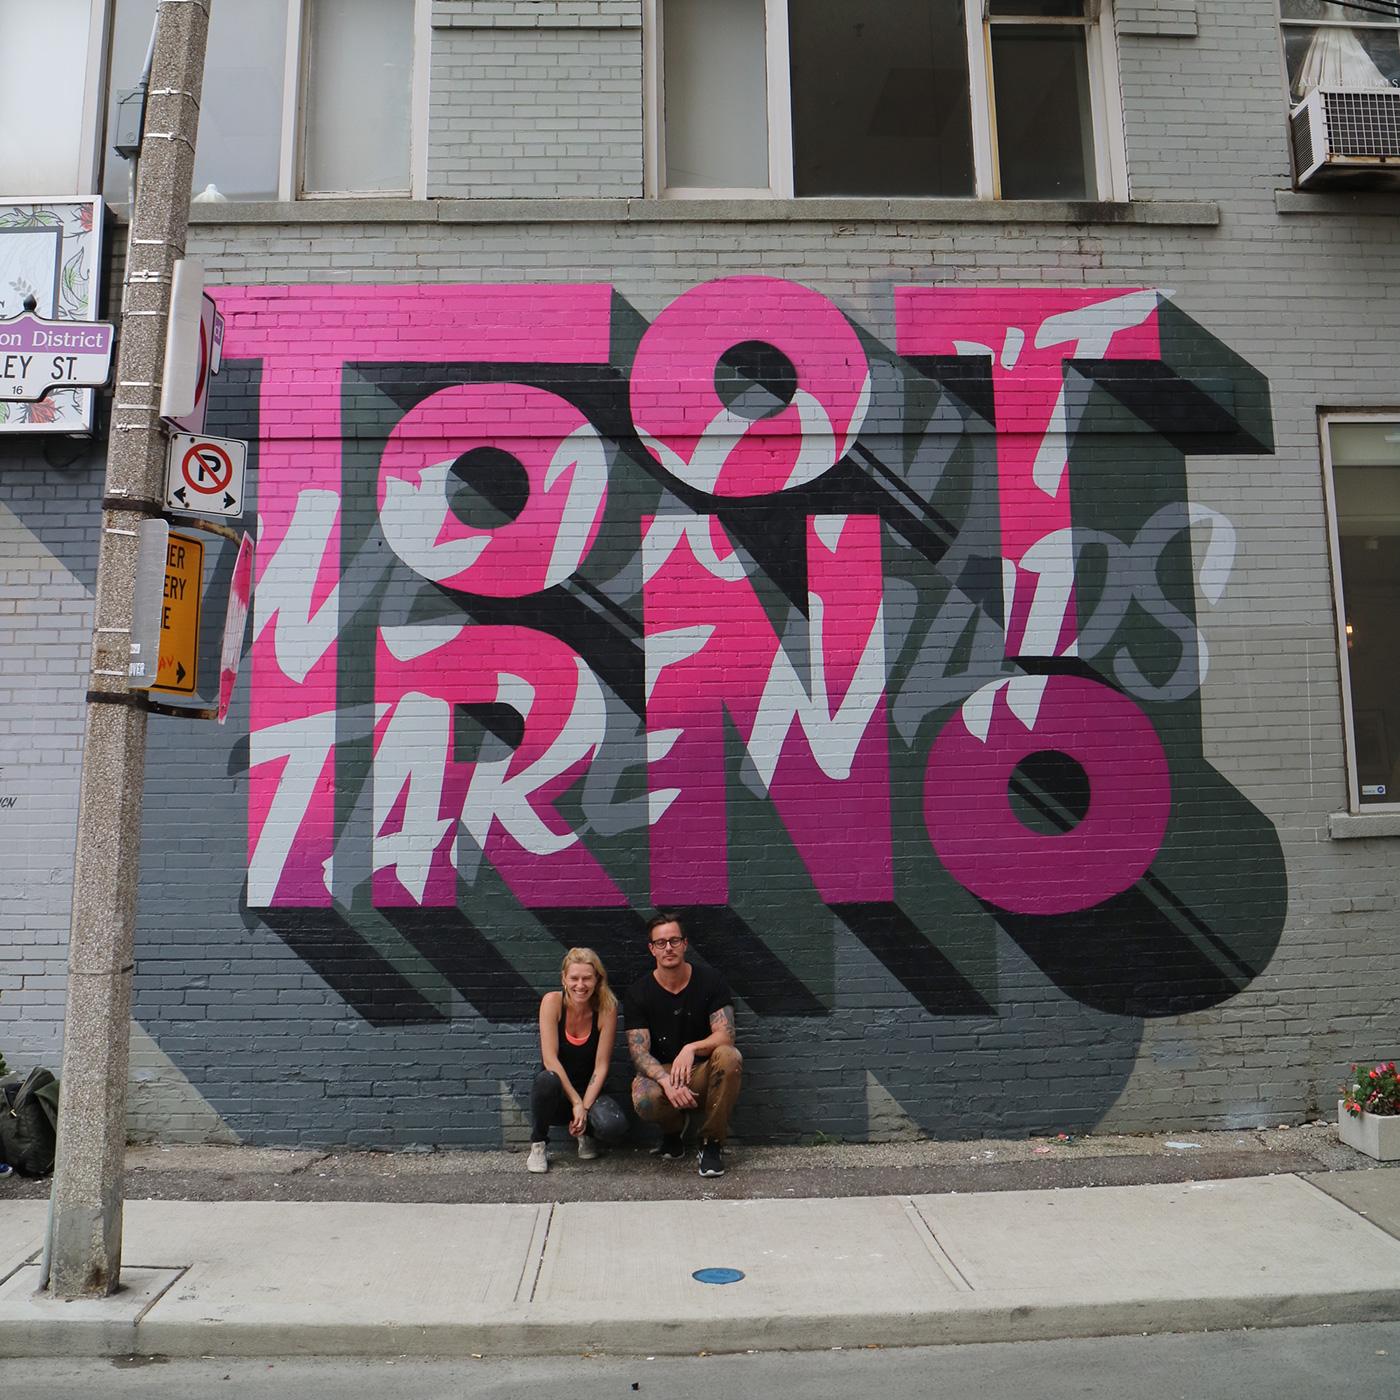 Toronto mural on behance